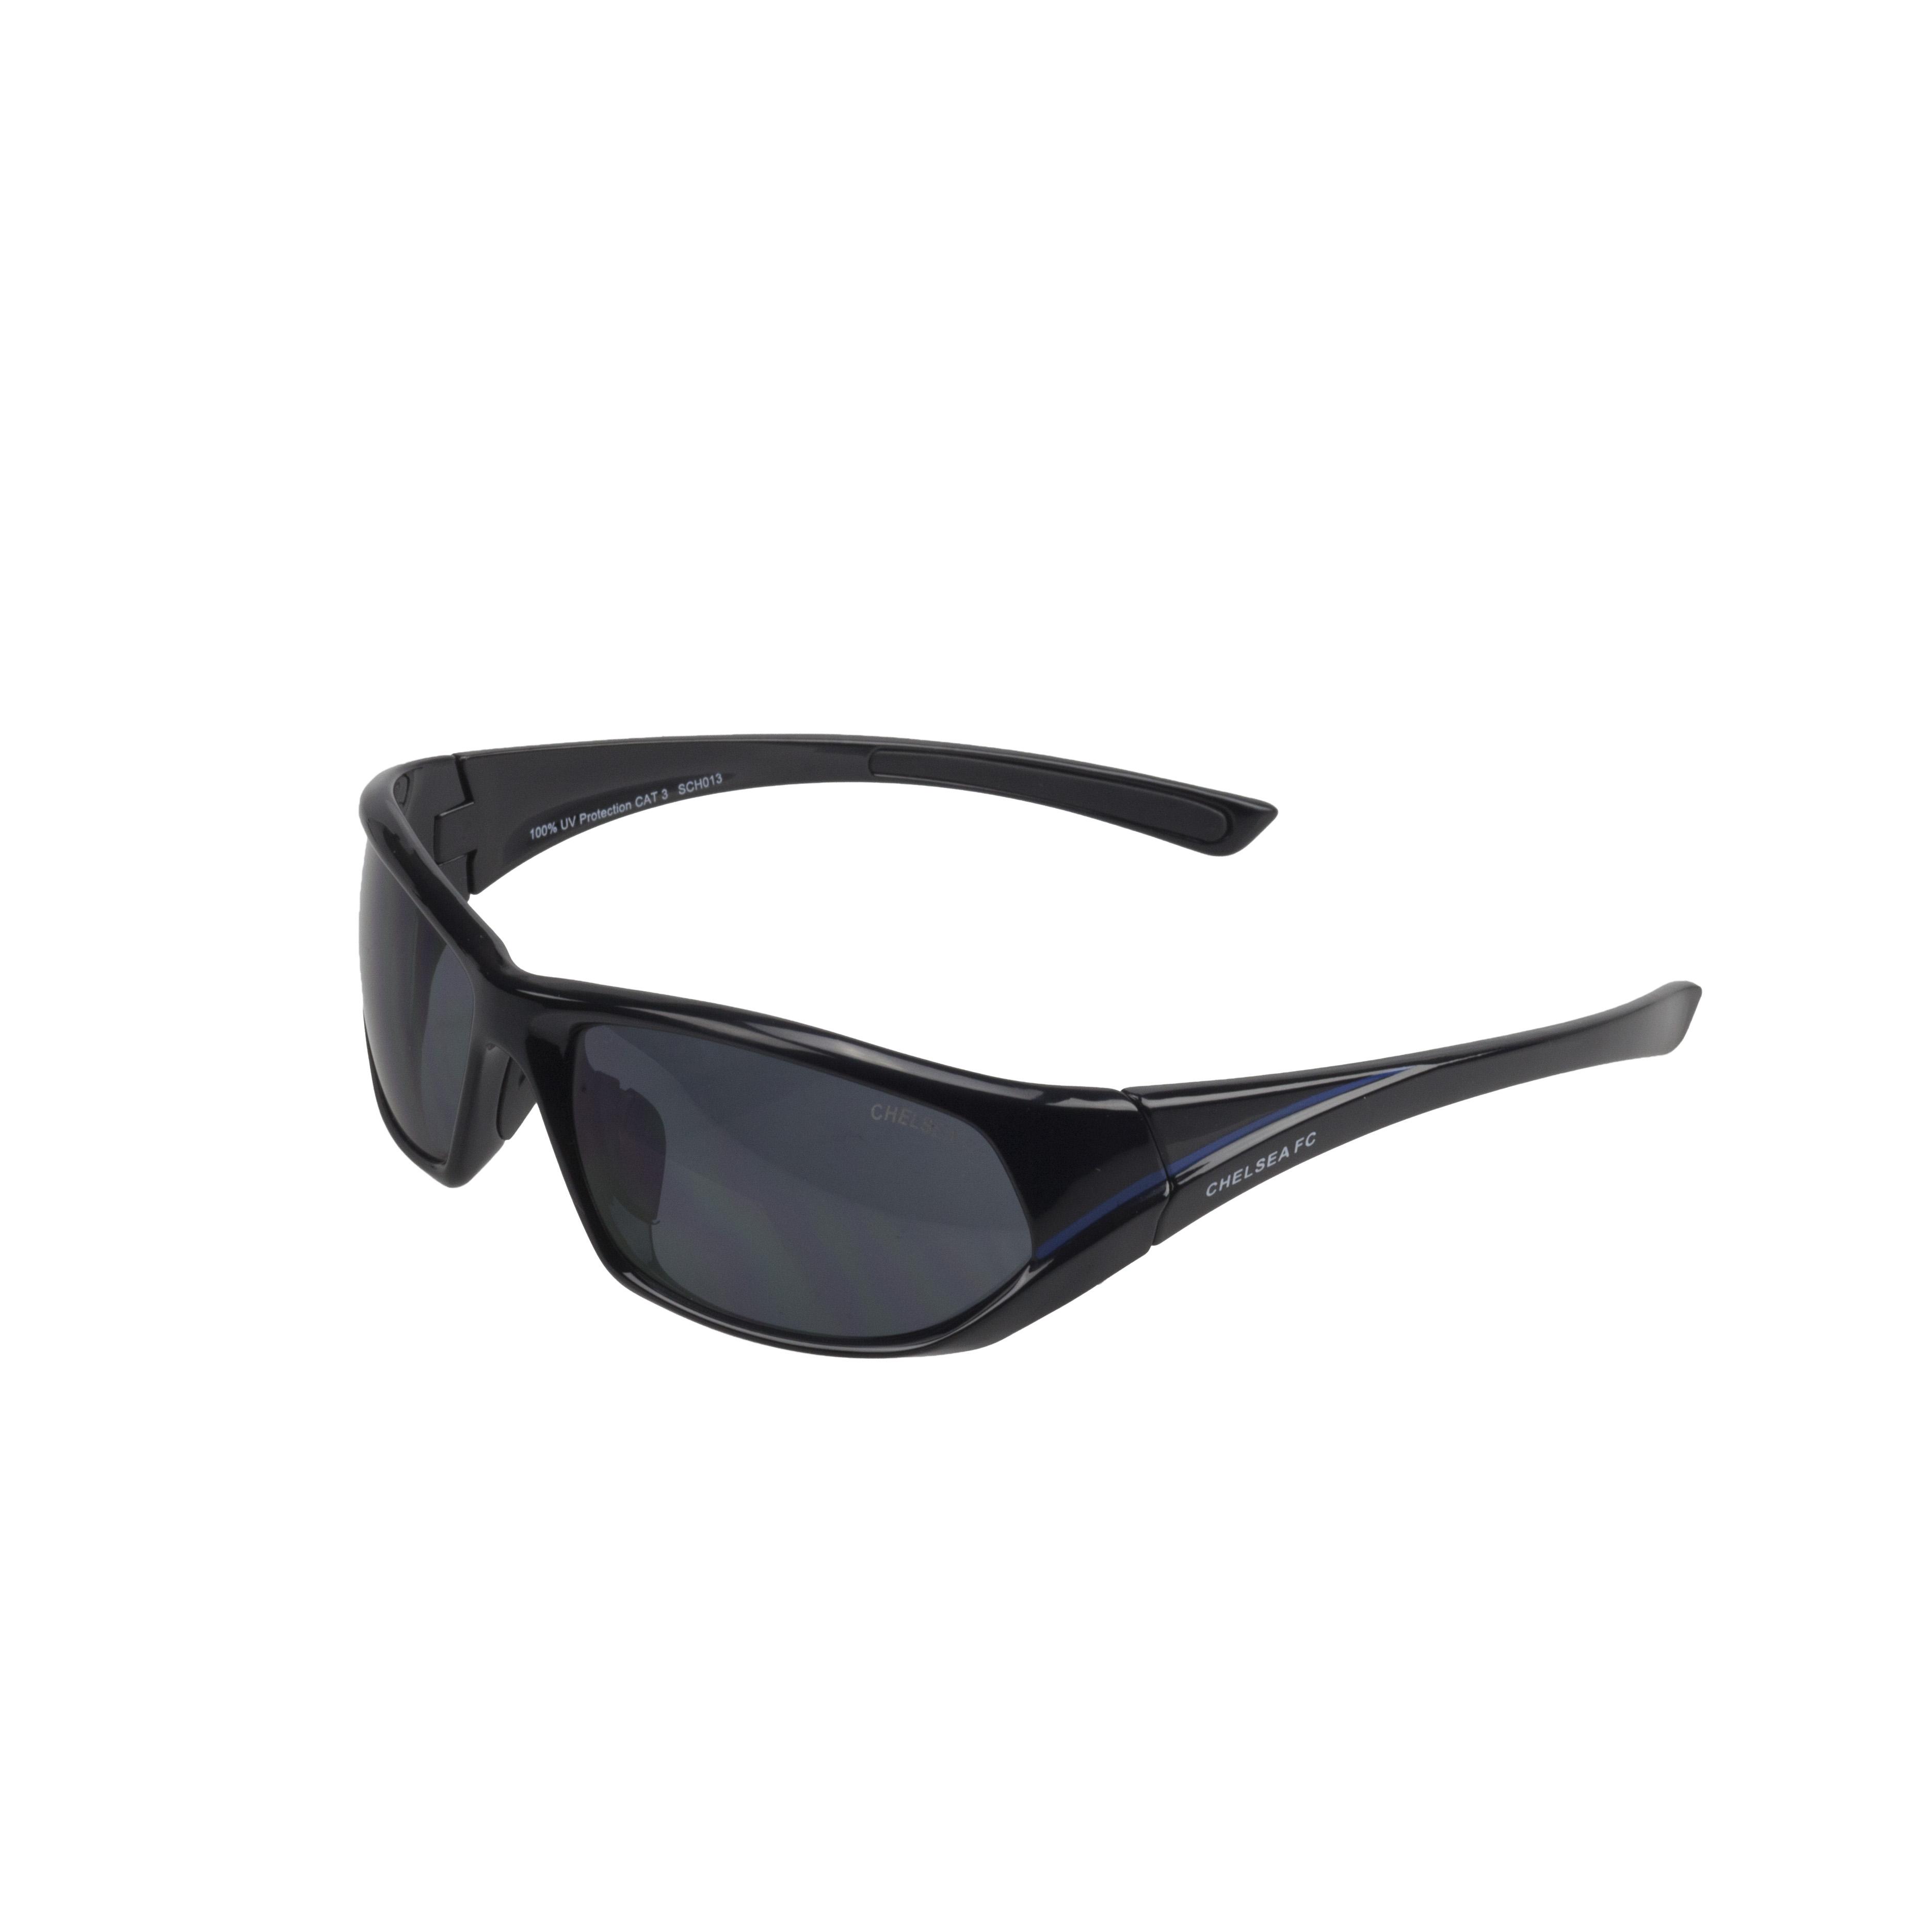 แว่นตากันแดดเชลซี Chelsea Sports Wrap Sunglasses ของแท้